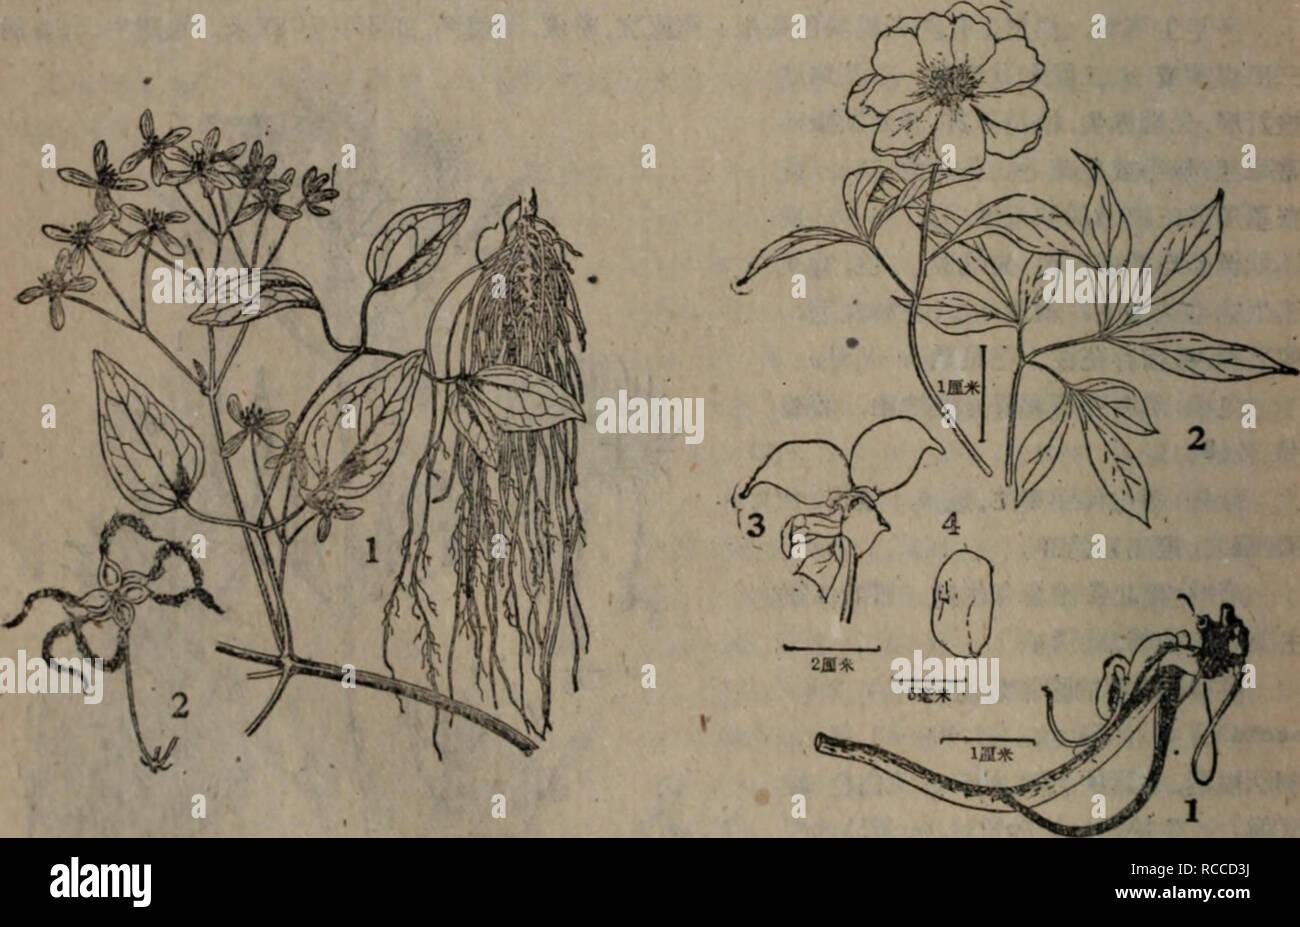 . dong bei yao yong zhi wu zhi. Botany. æ-¦ï¼,éè¾£æ¤ç-<é»SIæ±)ï¼é¢¨è»è(åæèå¨çº§ä»(é稱)ï¼é»â?^(ä¿ç¨±ï¼å86 Clematis manschorica Rupr. in Bull. tPhys.-Math. Acad. Petersb. XIV (1857) 514ï¼ Maxim. Prim. Fl. Amur. (1859) 10ï¼ Kom. Fl. Mansh. II (1903) 282; Krascheninnikov in Kora. Fl. URSS VII (1937) 319, tab. XX, fig. 11; Kitag. Lineam. Fl. Mansh. (1939) 218. å¤å¹´çèæ¬ãé¬æ ¹å¤èé·,æ·±é»è¤è²ã室èisæä¸æï¼ä»¥è¡æ²çèæææ´æ¼éè¿çæ¨çææ¢ä¸ï¼è åæ,è質ï¼å ·ç¨ãèç¾½çå ¨è£ï¼ç¬¬ä¸æ¬¡è£çç¸éï¼Mæä¸åºçå ¨è£ï¼å°è£çç¡!^æææï¼ç¨ç²é©è´«ï¼ æ«éçåµå½¢ï¼åºé½må½¢æå¿å½¢,å ç«¯å ·ç-æ¼å°ï¼èé¢jg£çæ¯,å ·é常å¸èµ·çæ;ä¸è常ç²5åºãè - Stock Image